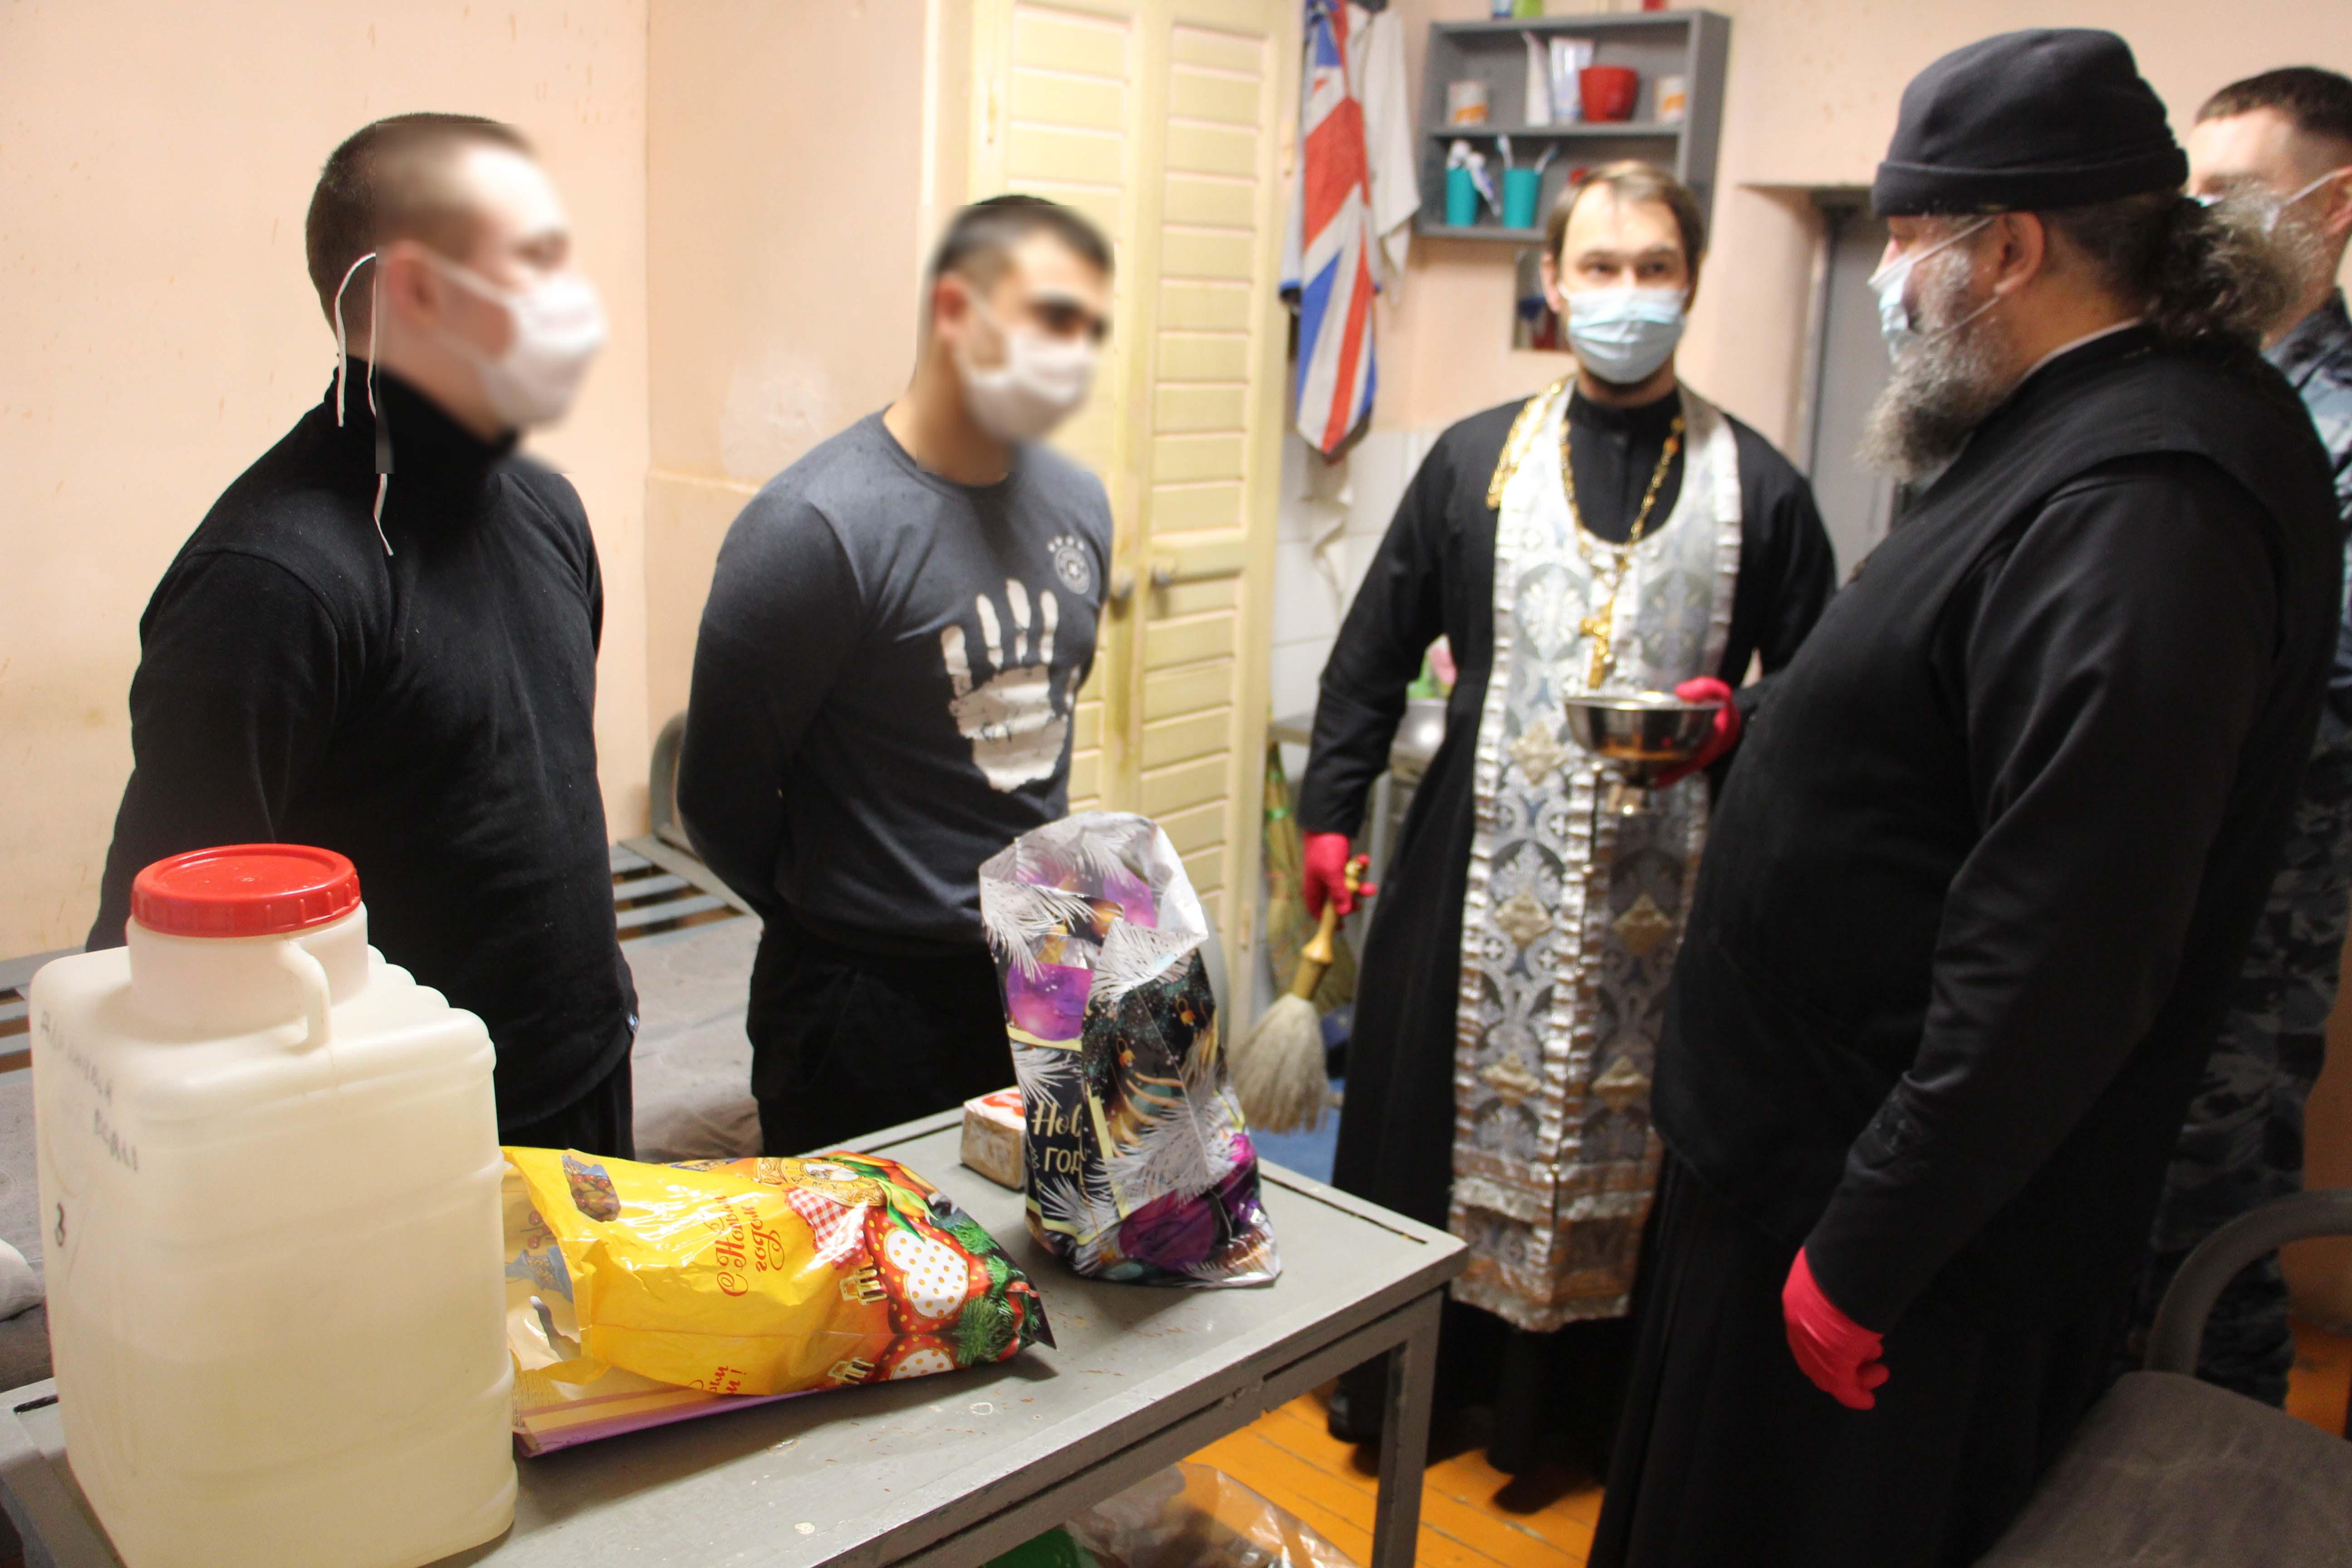 В СИЗО-1 переданы подарки, собранные в рамках проведения благотворительной акции «Воля сердца»